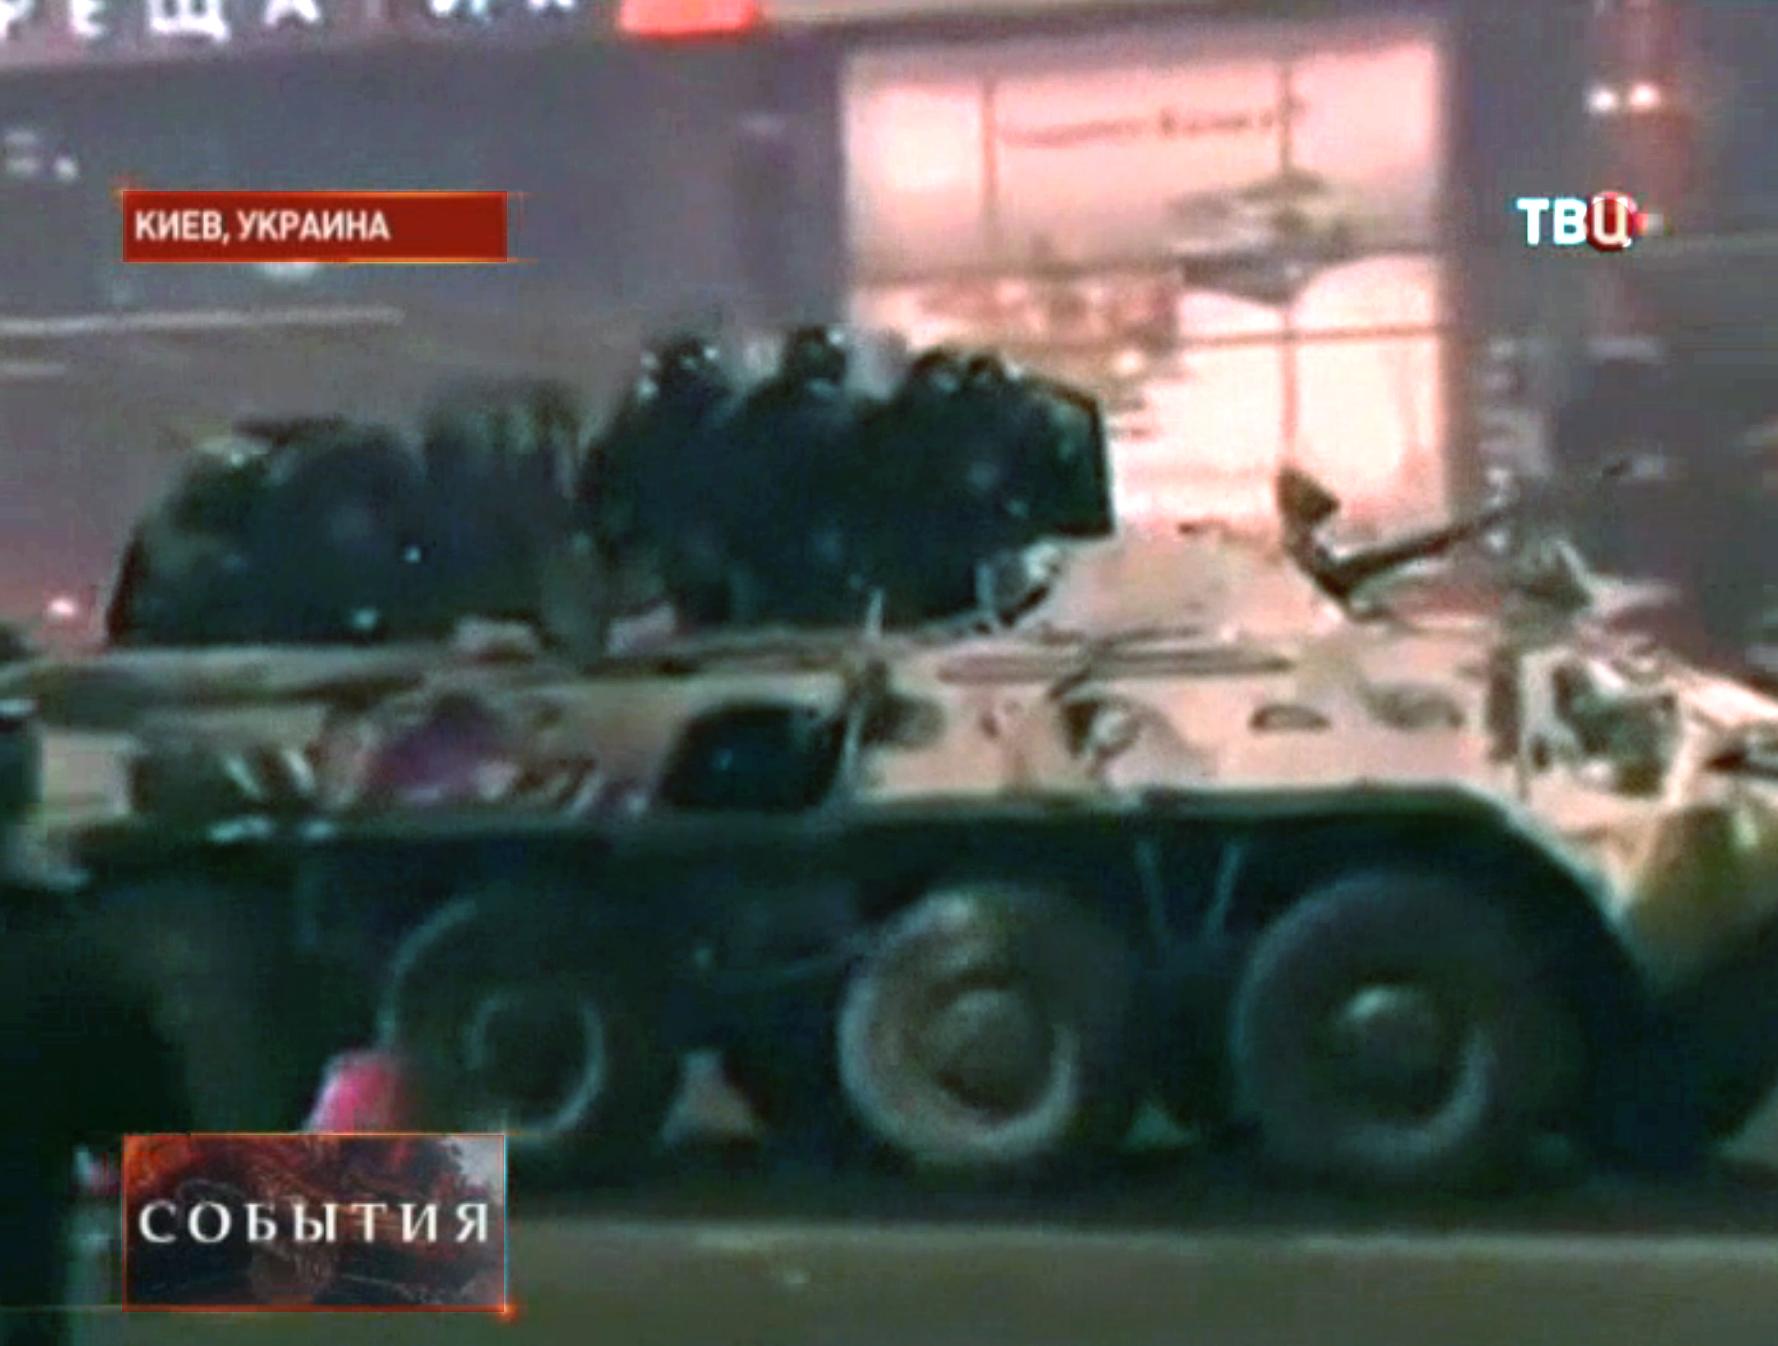 Киевская милиция едет на БТРе